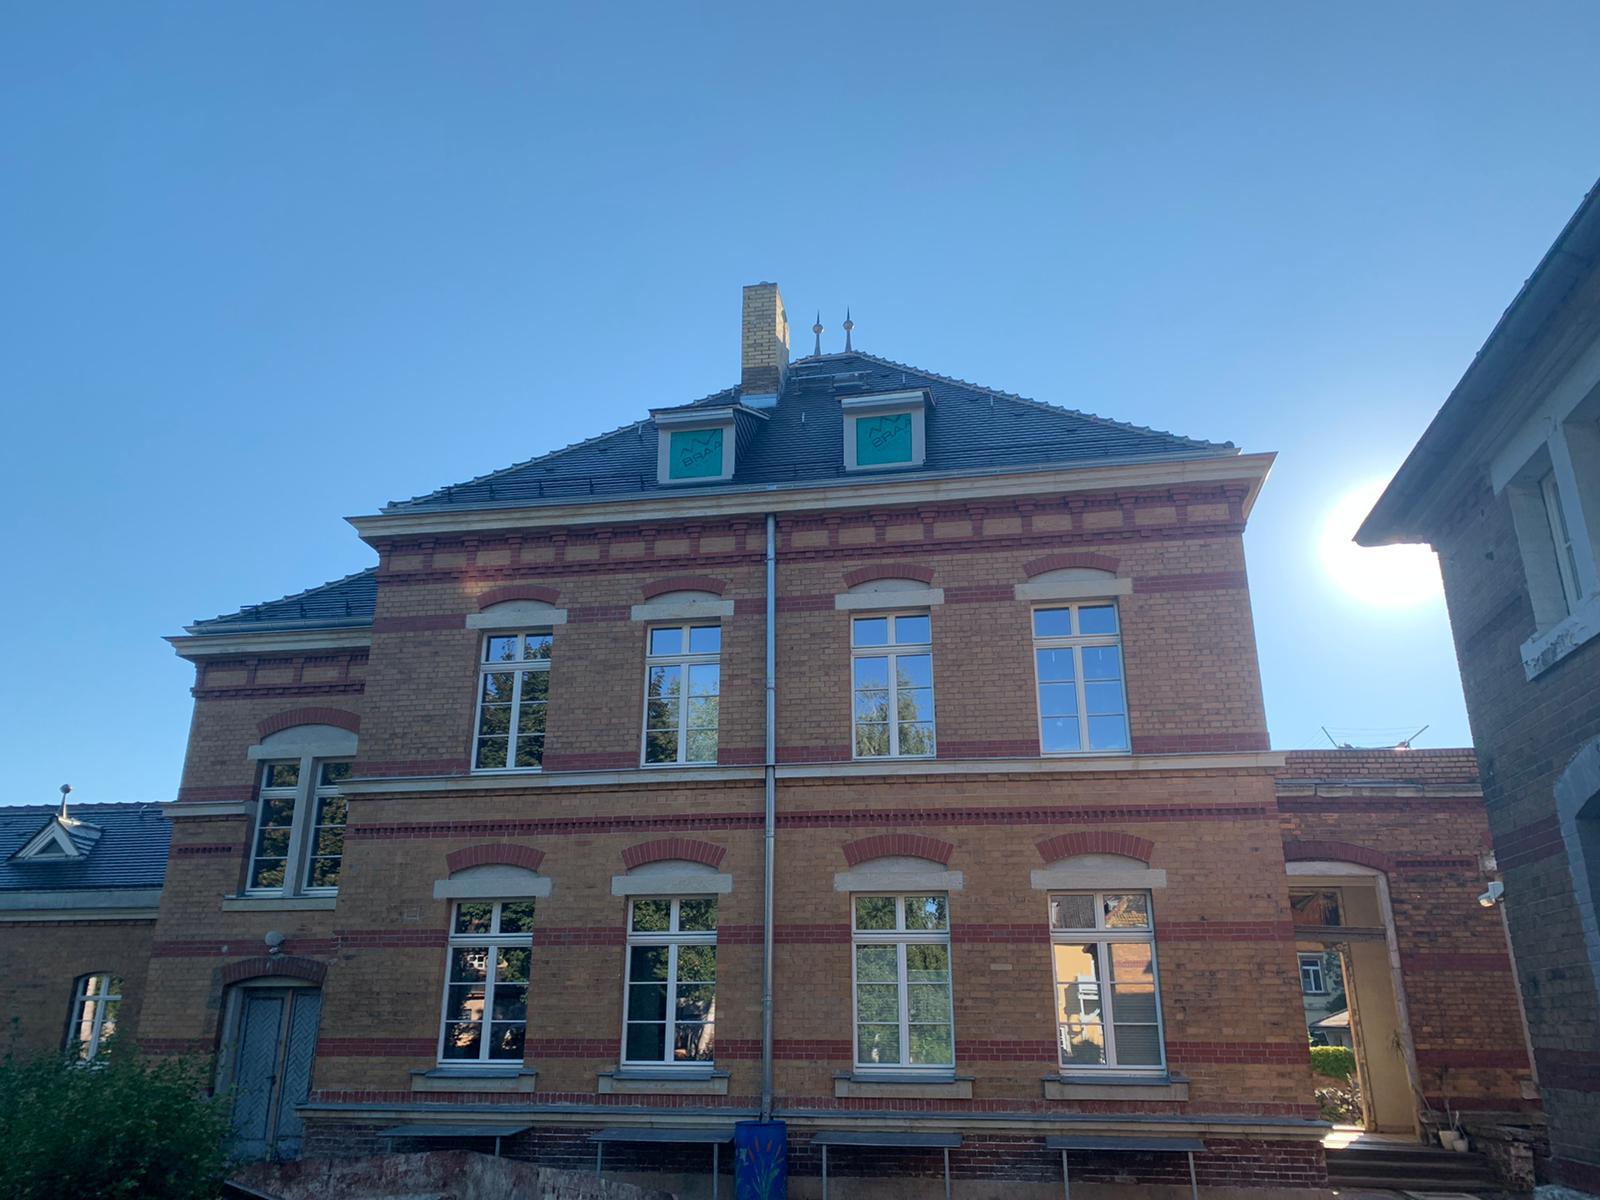 Leipziger Straße in Grimma - Denkmalschutzrechtliche Sanierung des ehemaligen Husaren Kasernentraktes